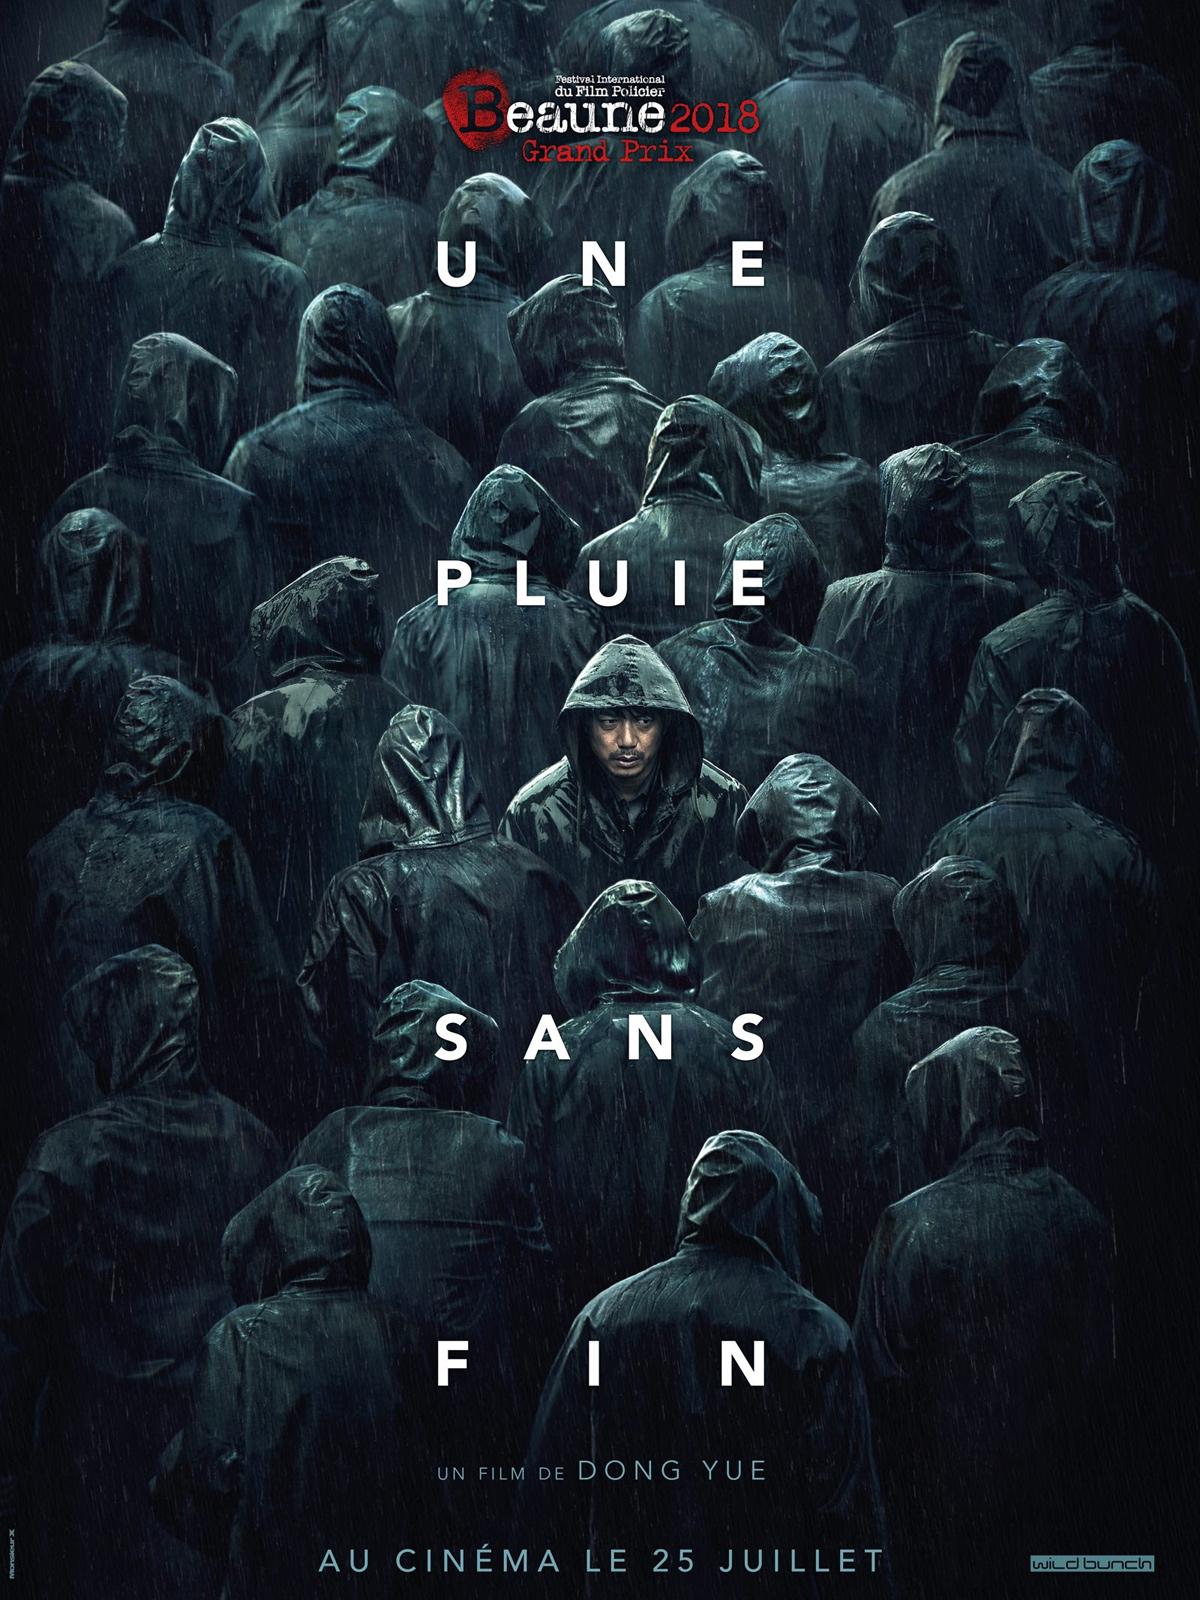 affiche-film-une-pluie-sans-fin-dong-yue-grand-prix-communication-exterieure-cinema